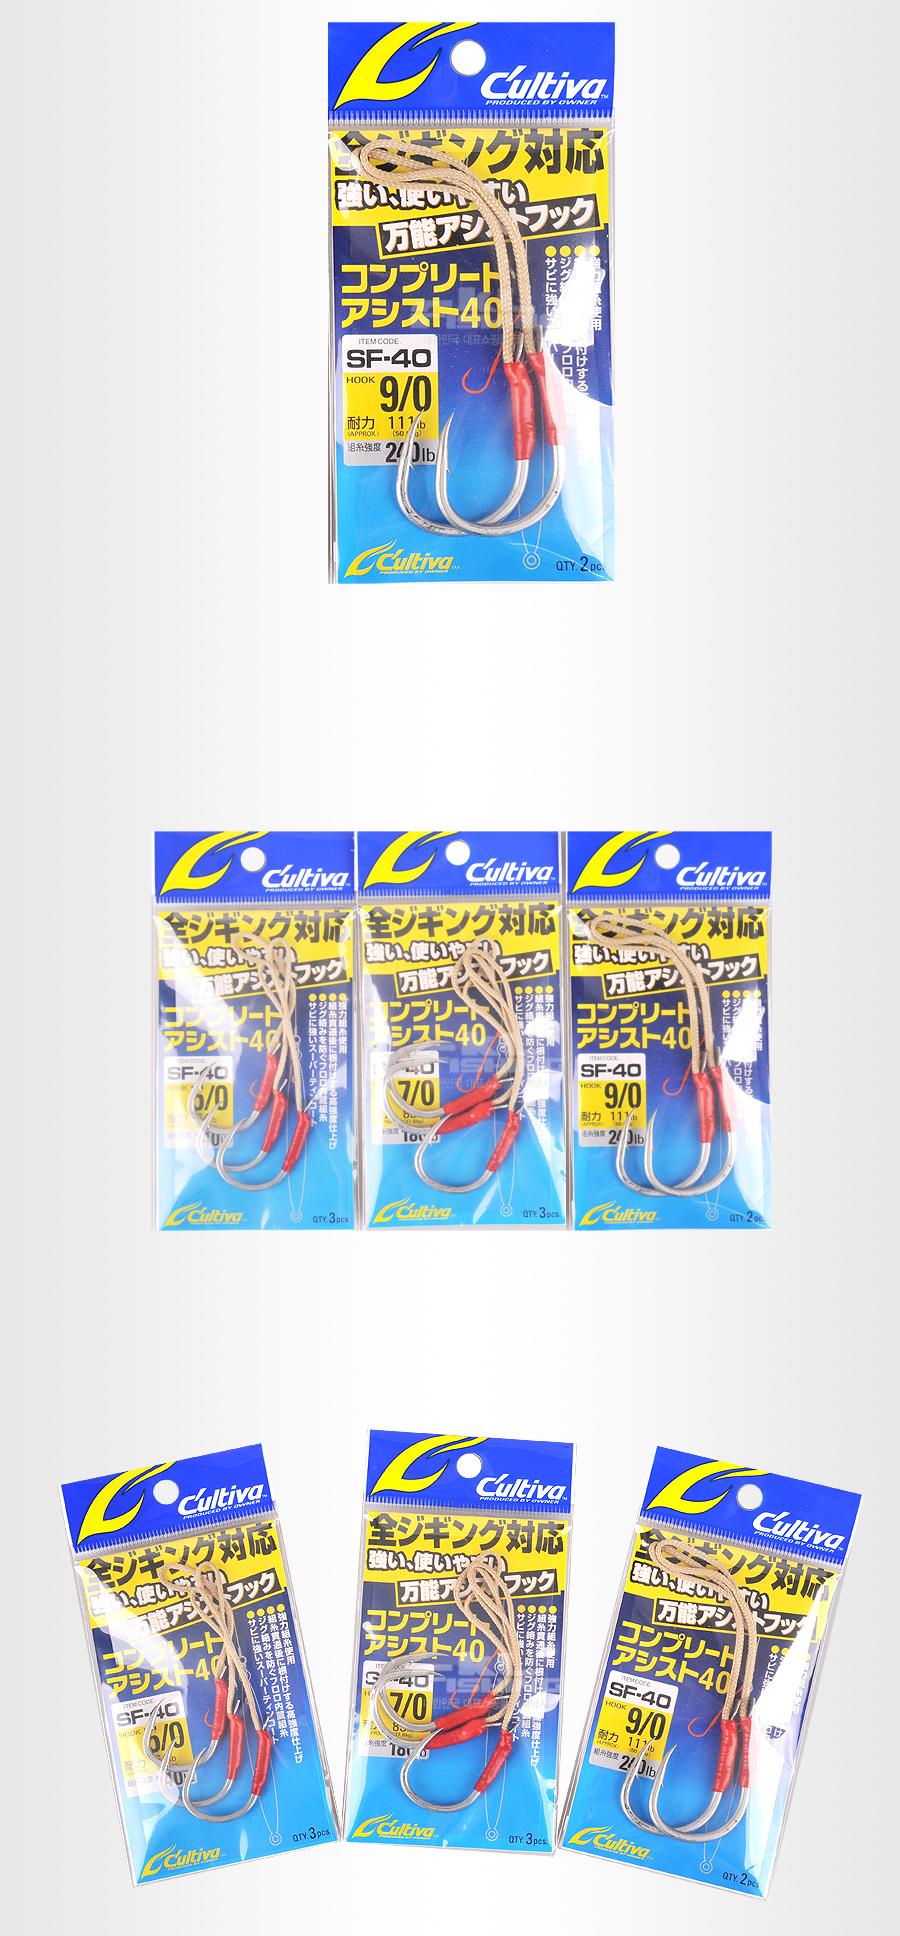 전지깅용 전사이즈카바 지징전체장르 커버 지깅전체사이즈 컬티바 컨플리트 어시스트훅 SF-40